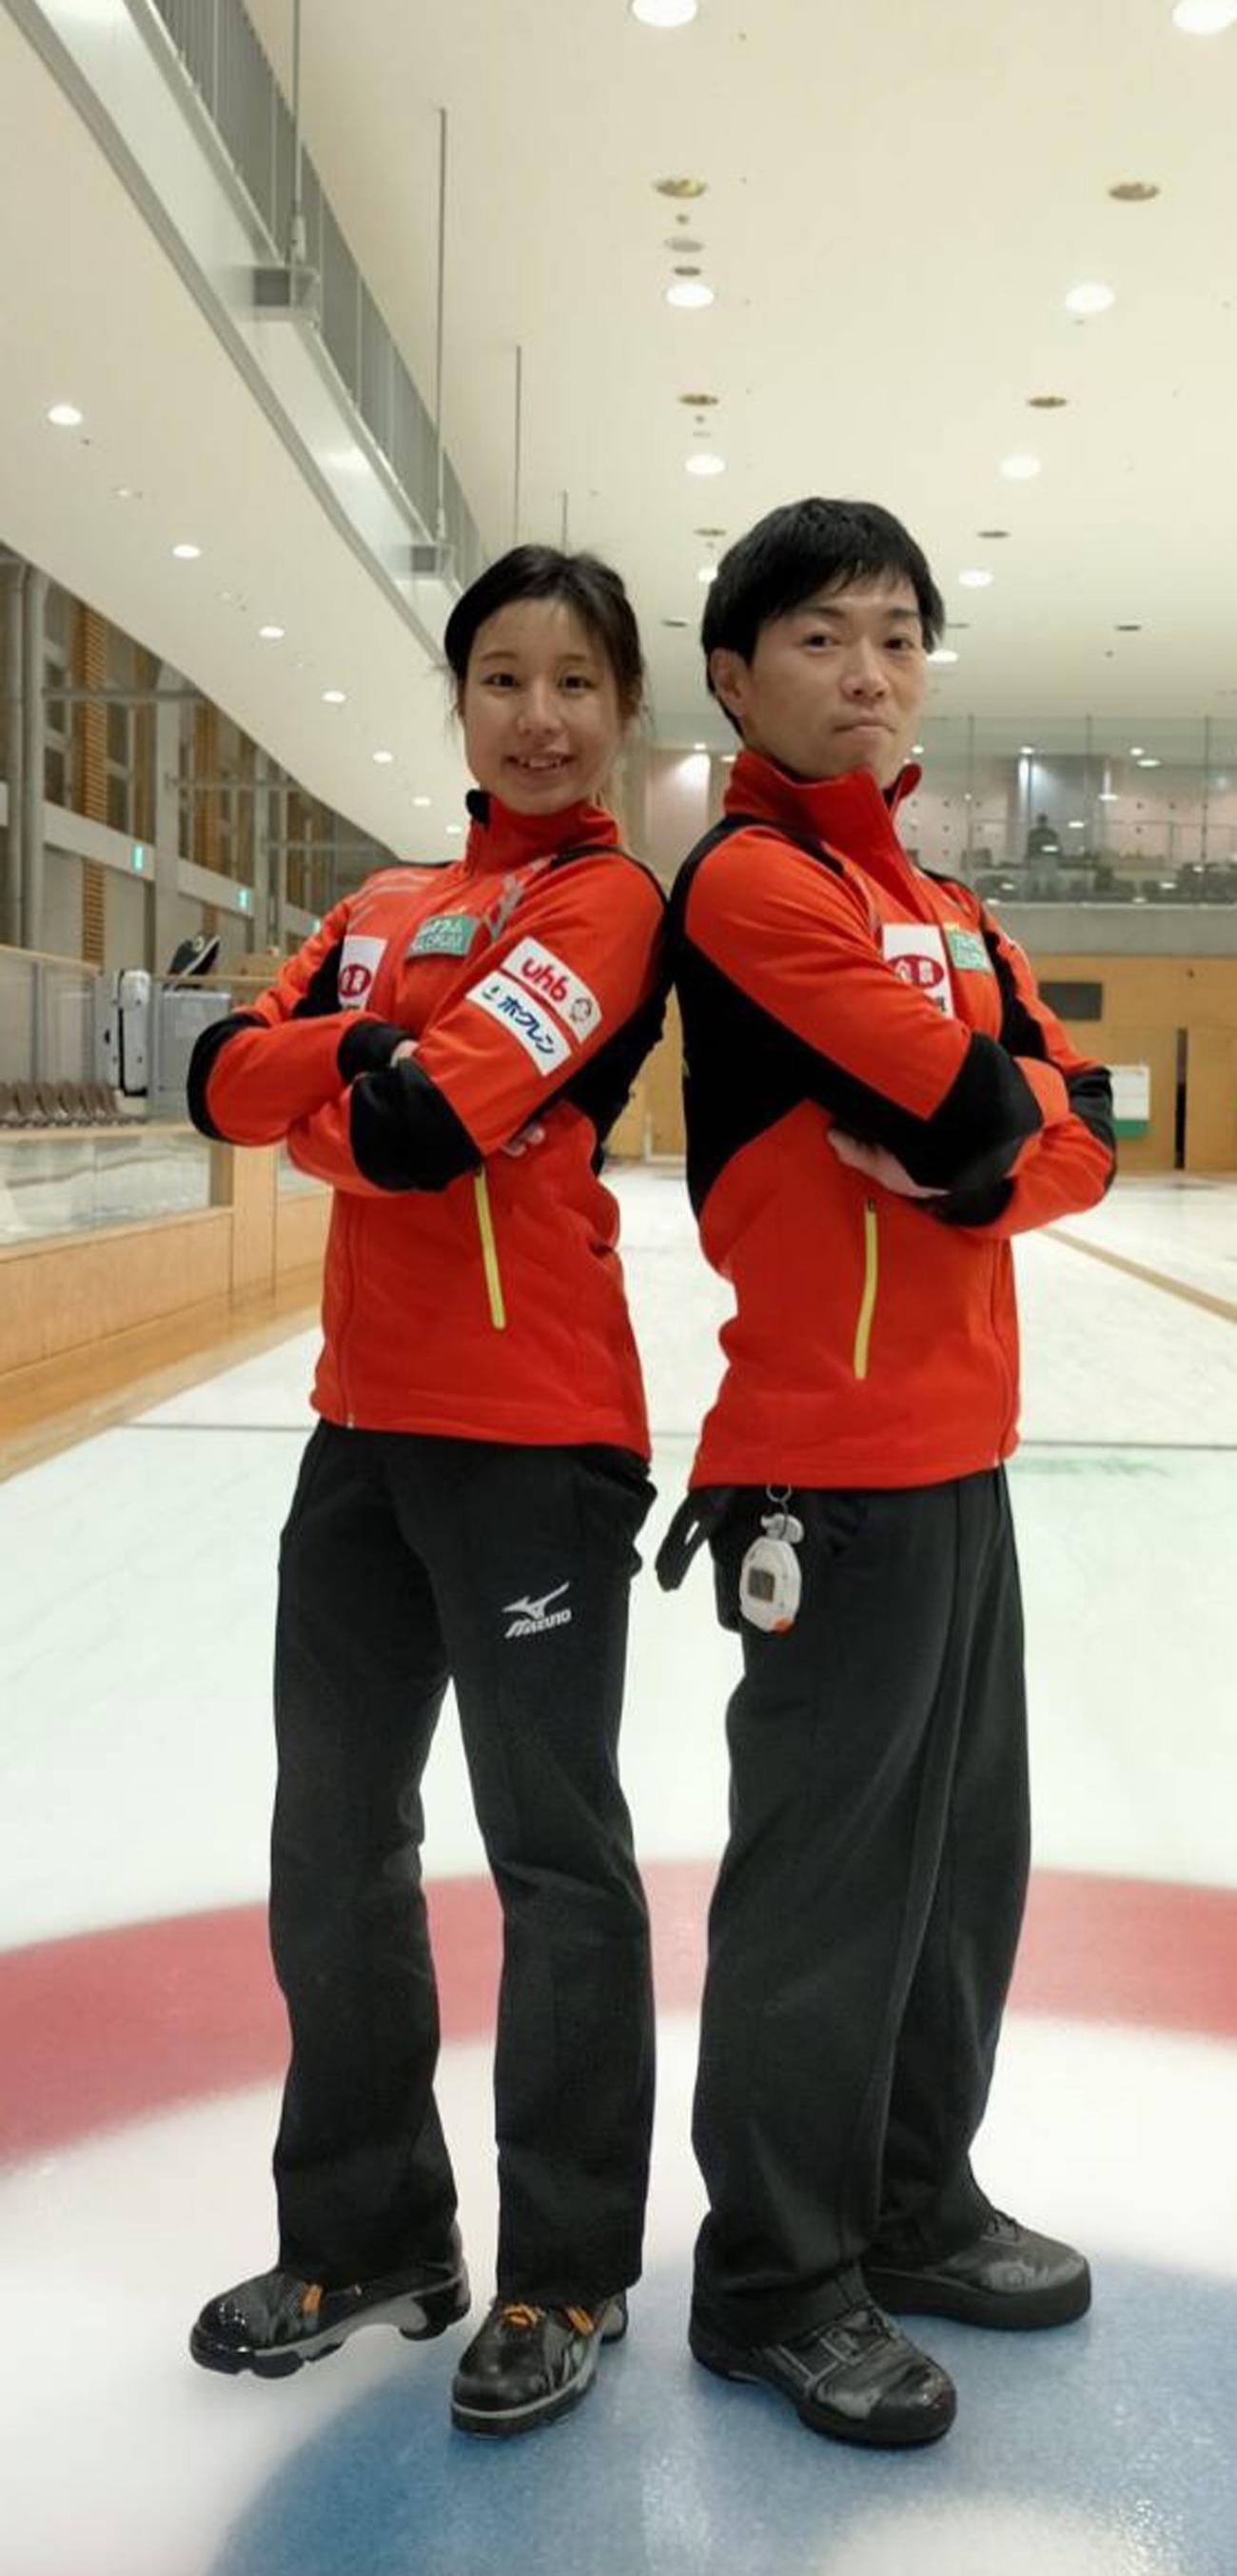 全農カーリング日本混合ダブルス選手権に出場するフルクラムの宿谷(左)と似里(チーム提供)